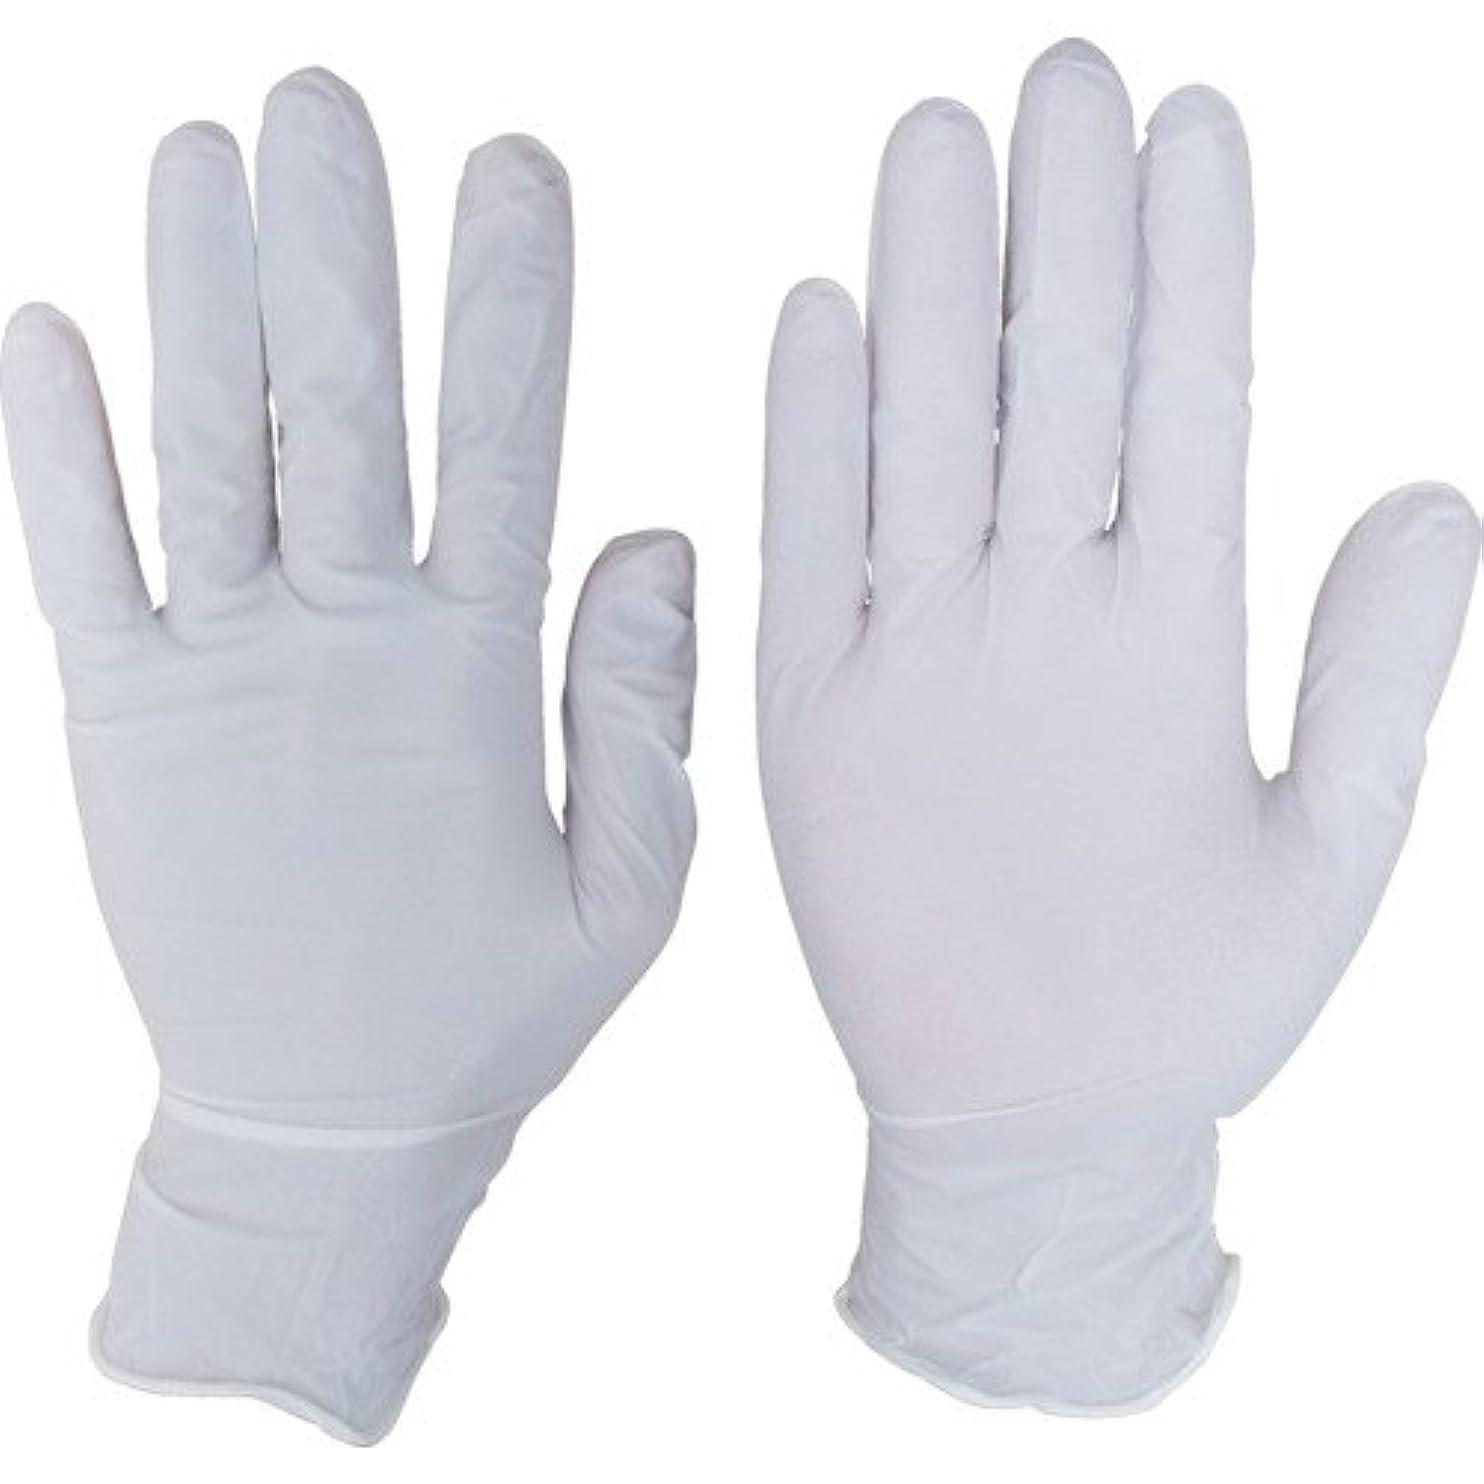 弱まる冷淡な広くシンガーニトリルディスポ手袋 No.110 ホワイト パウダーフリー(100枚) SS